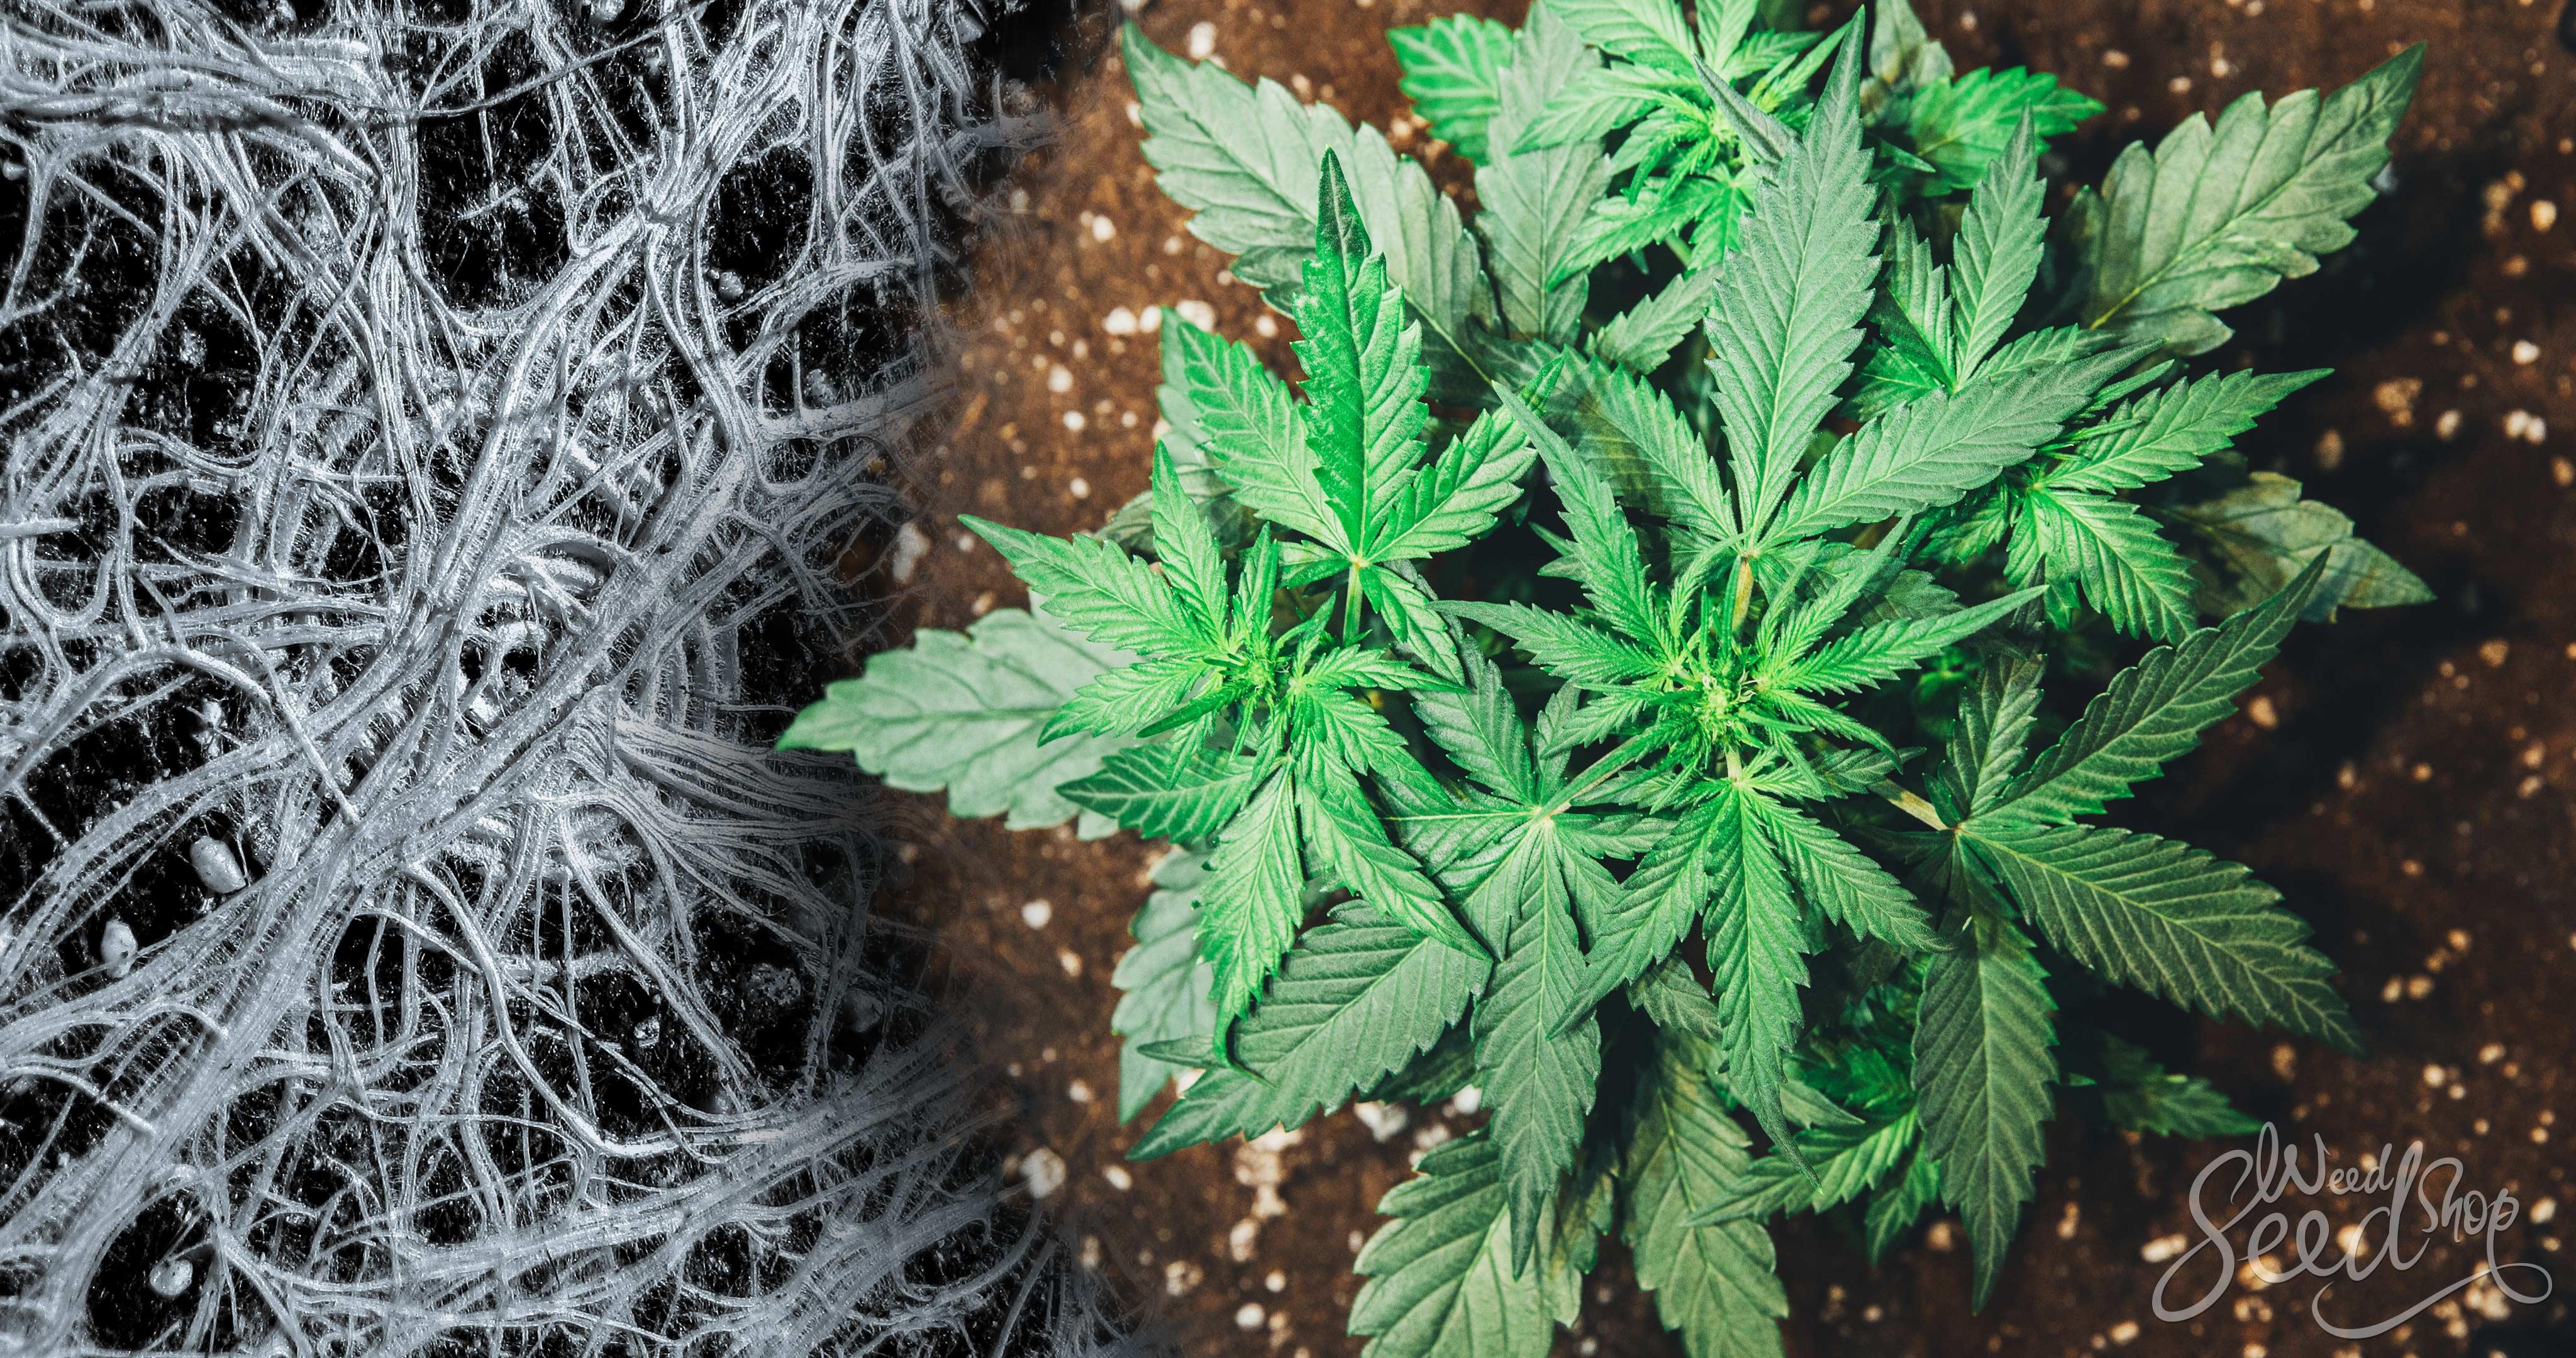 Cómo la micorriza puede beneficiar tus plantas de cannabis